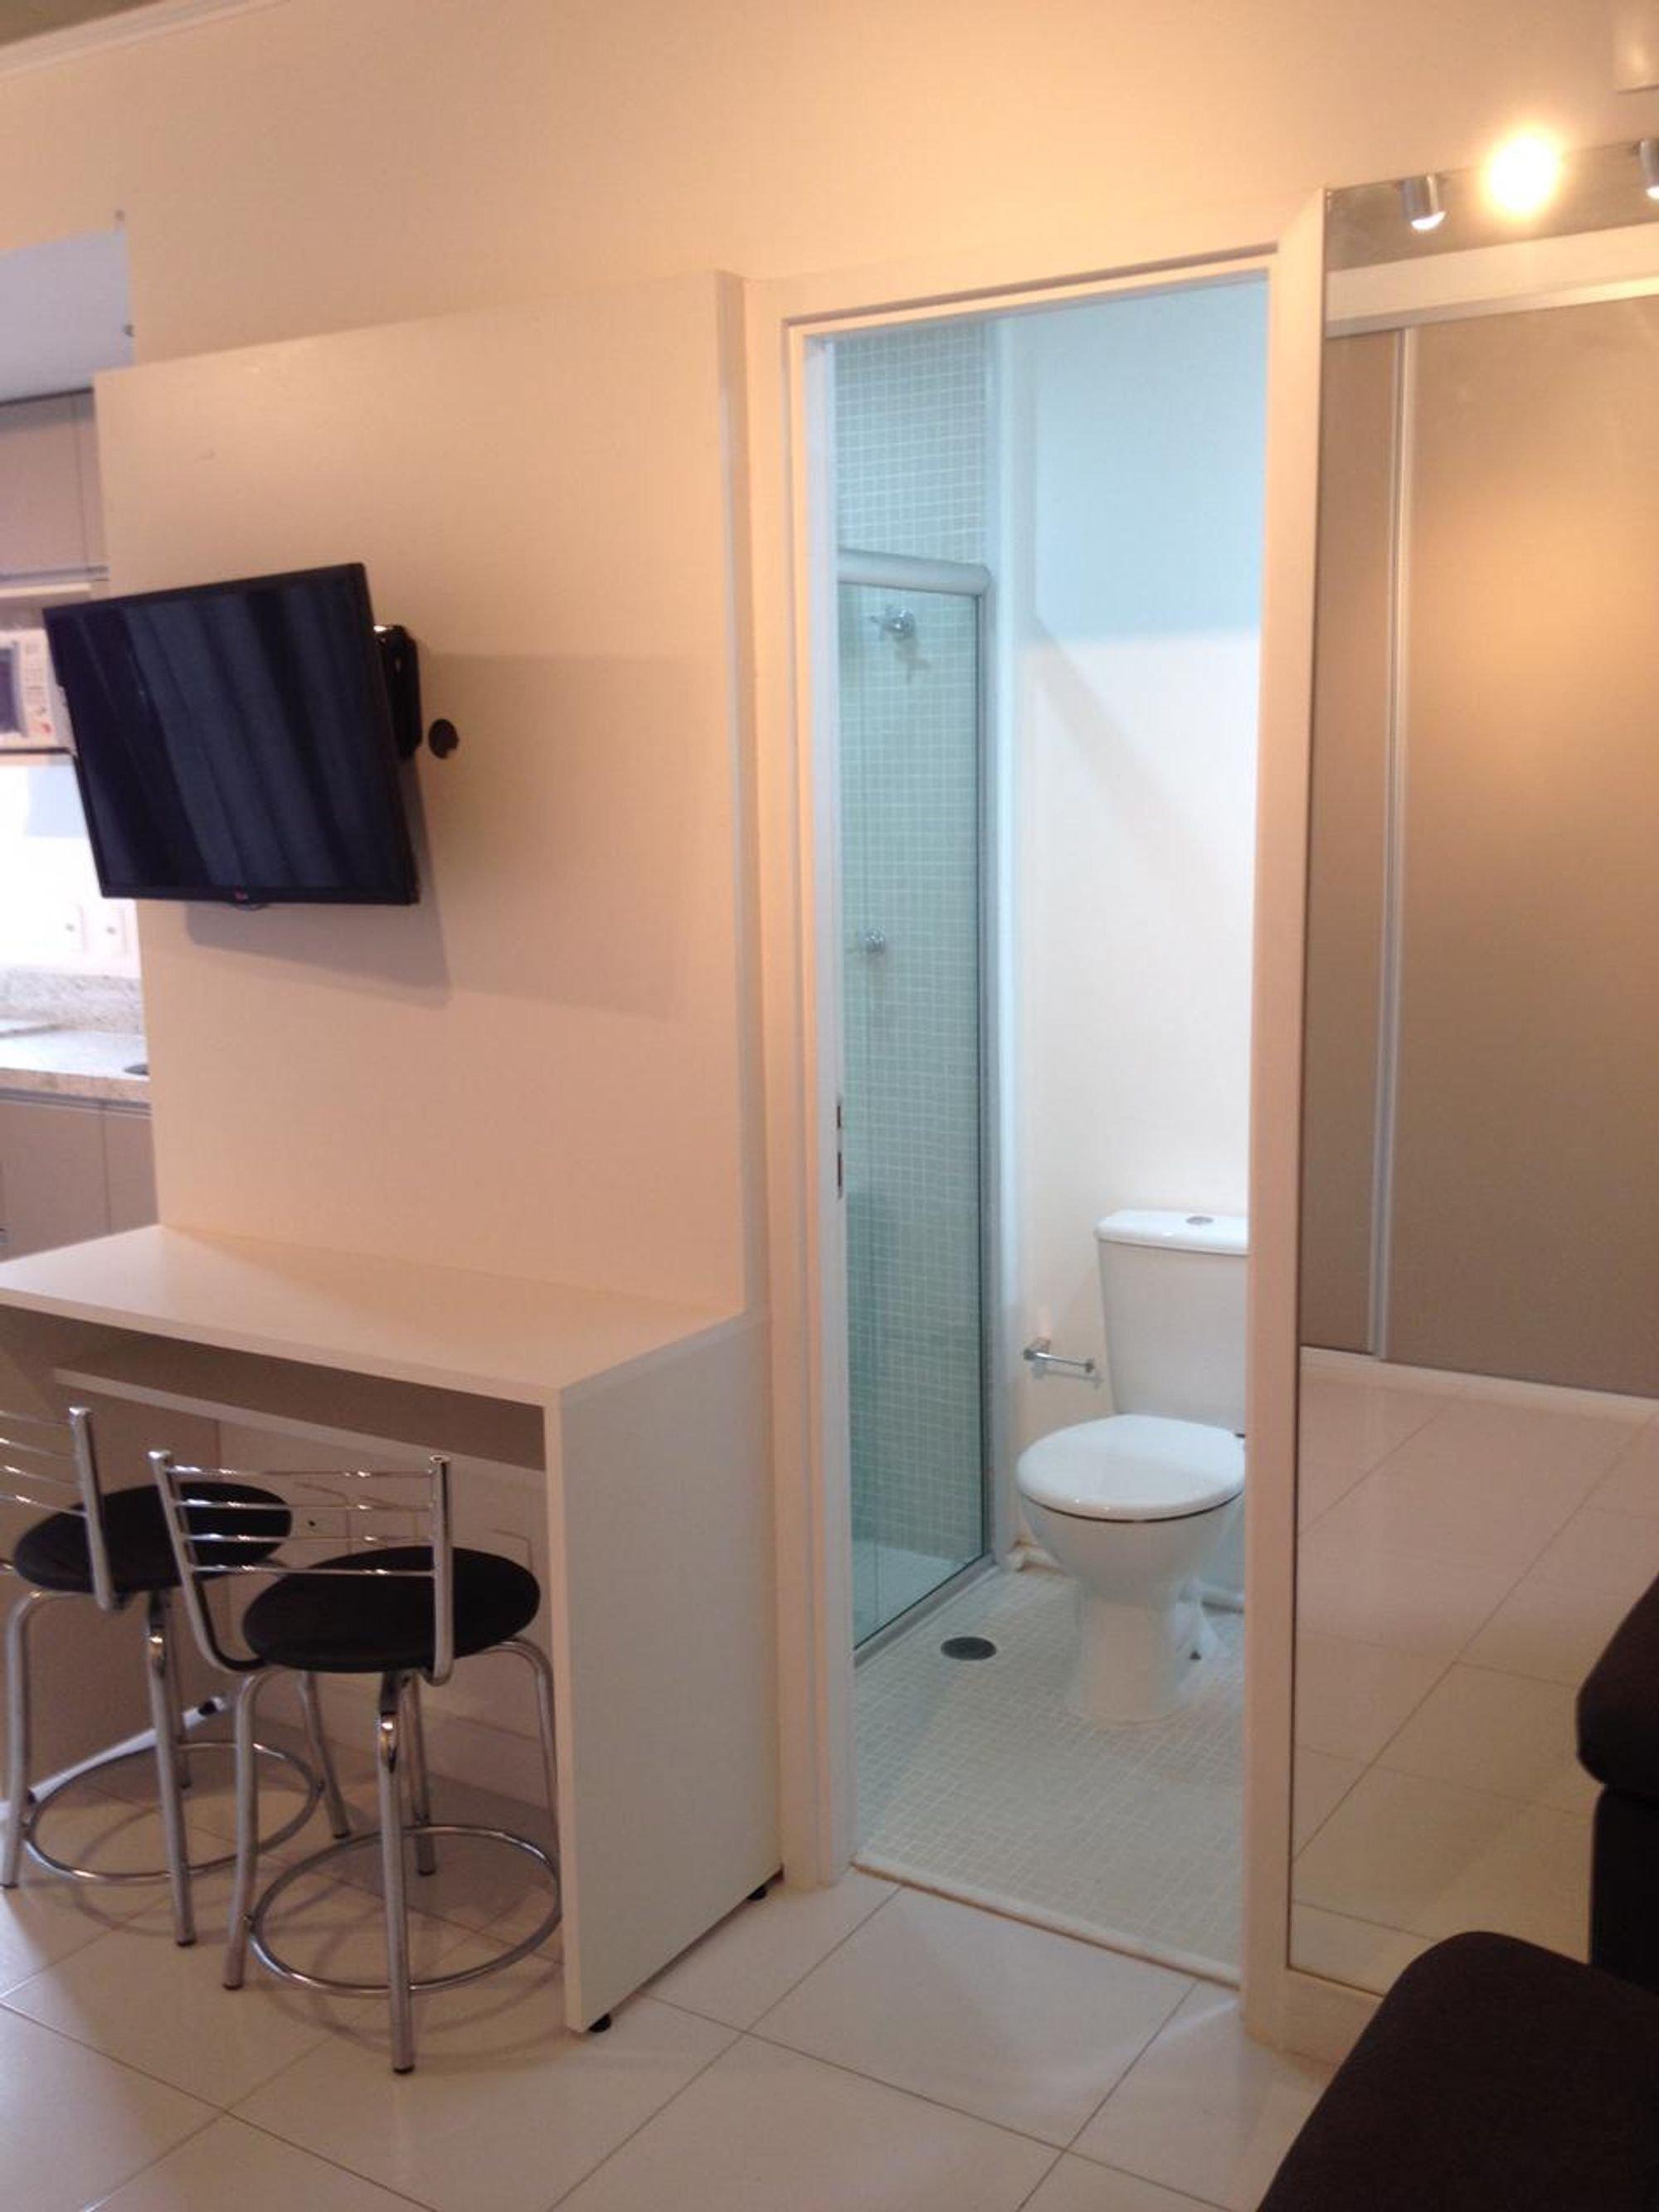 Foto de Banheiro com vaso sanitário, cadeira